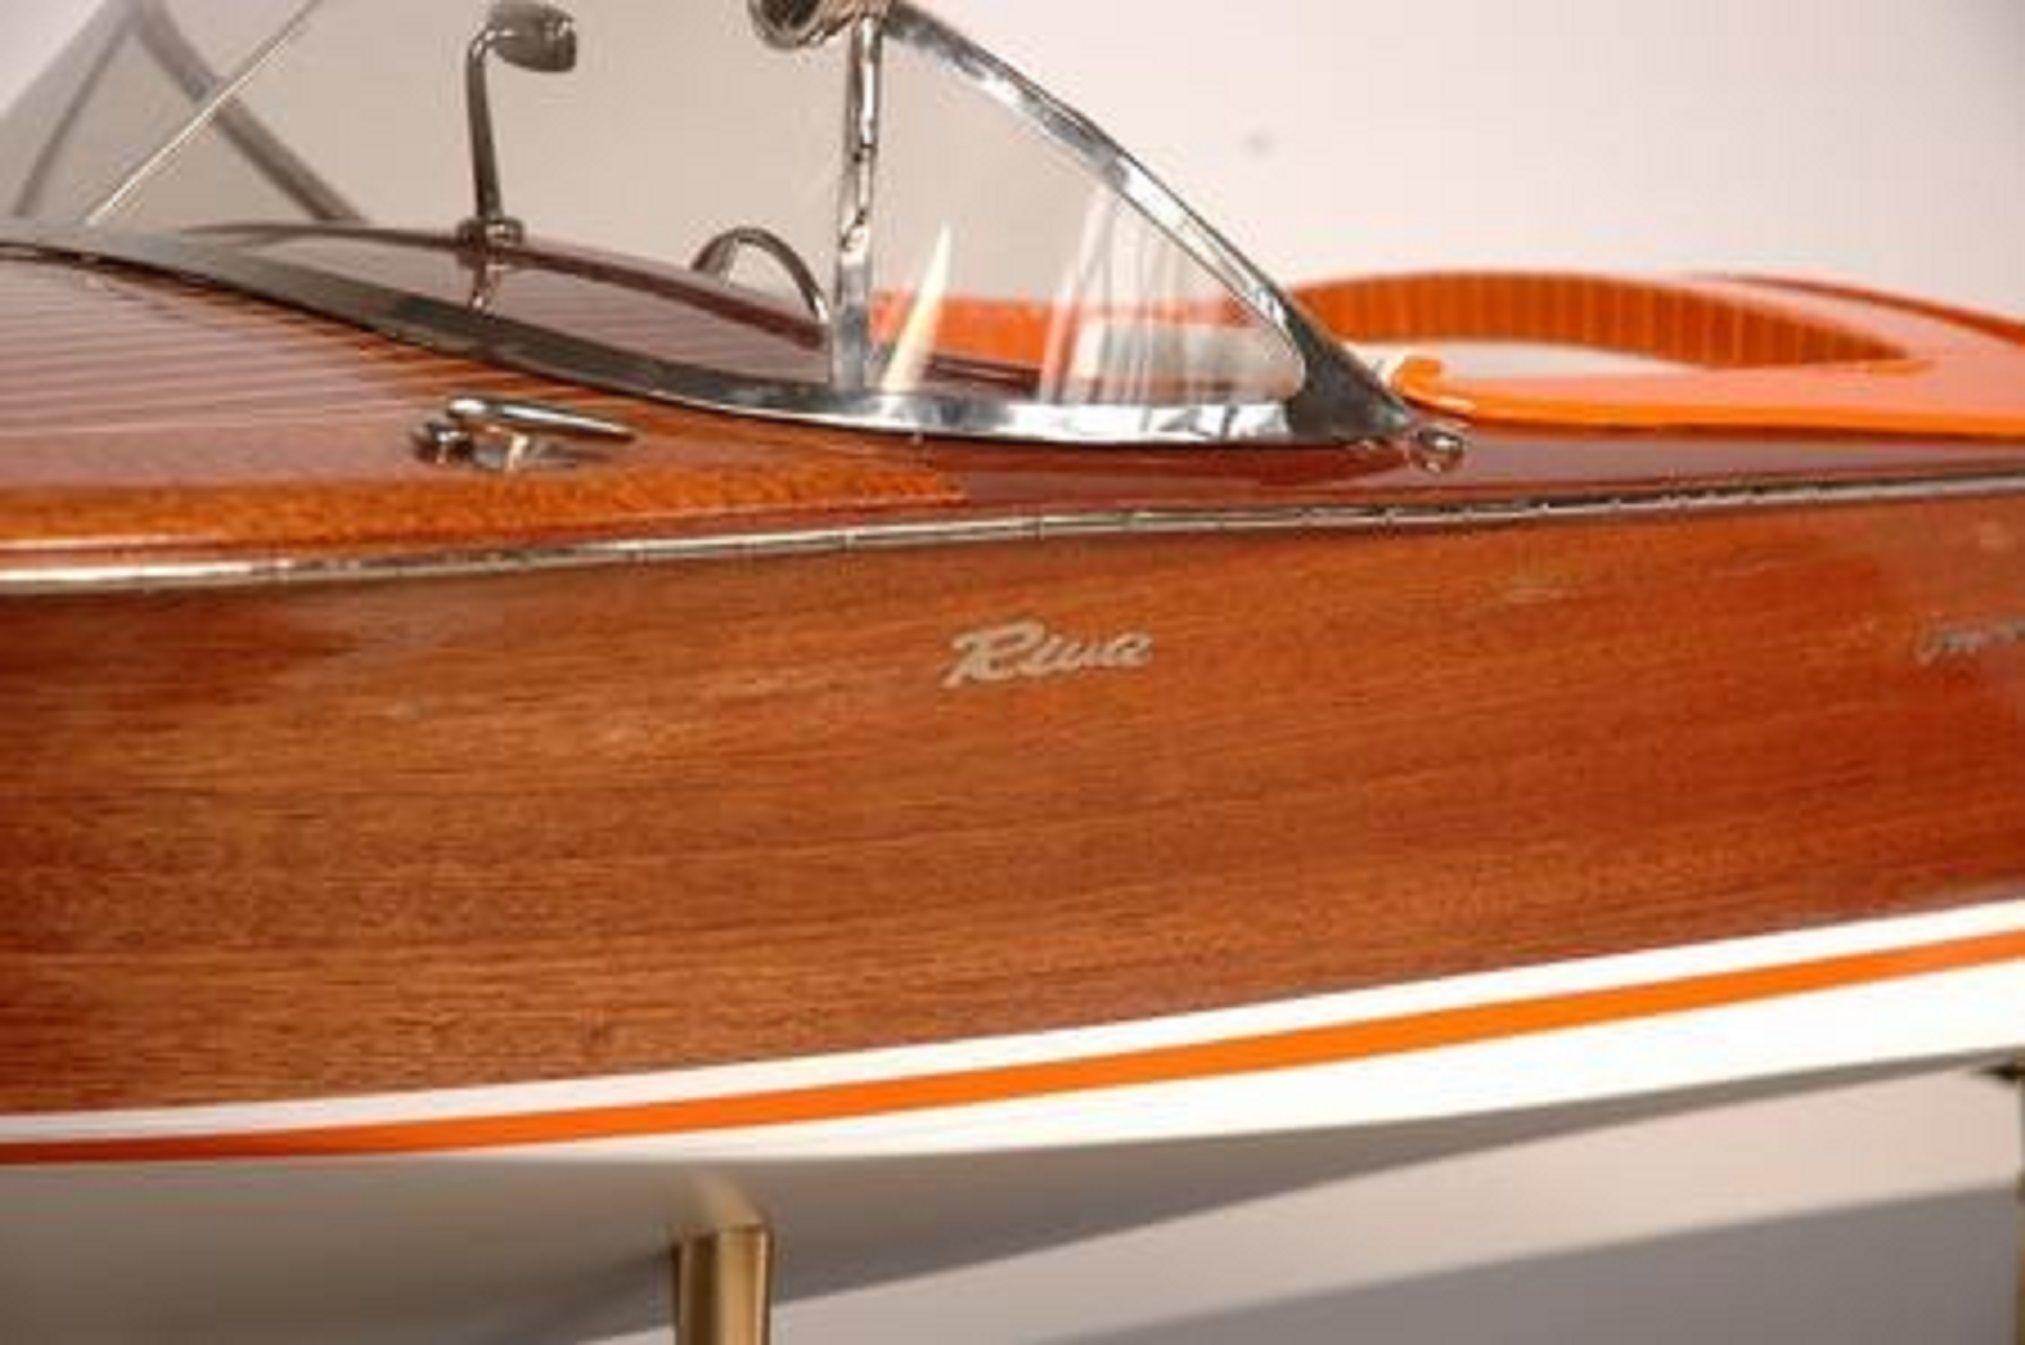 328-7577-Riva-Aquarama-Special-Model-Boat-Premier-Range